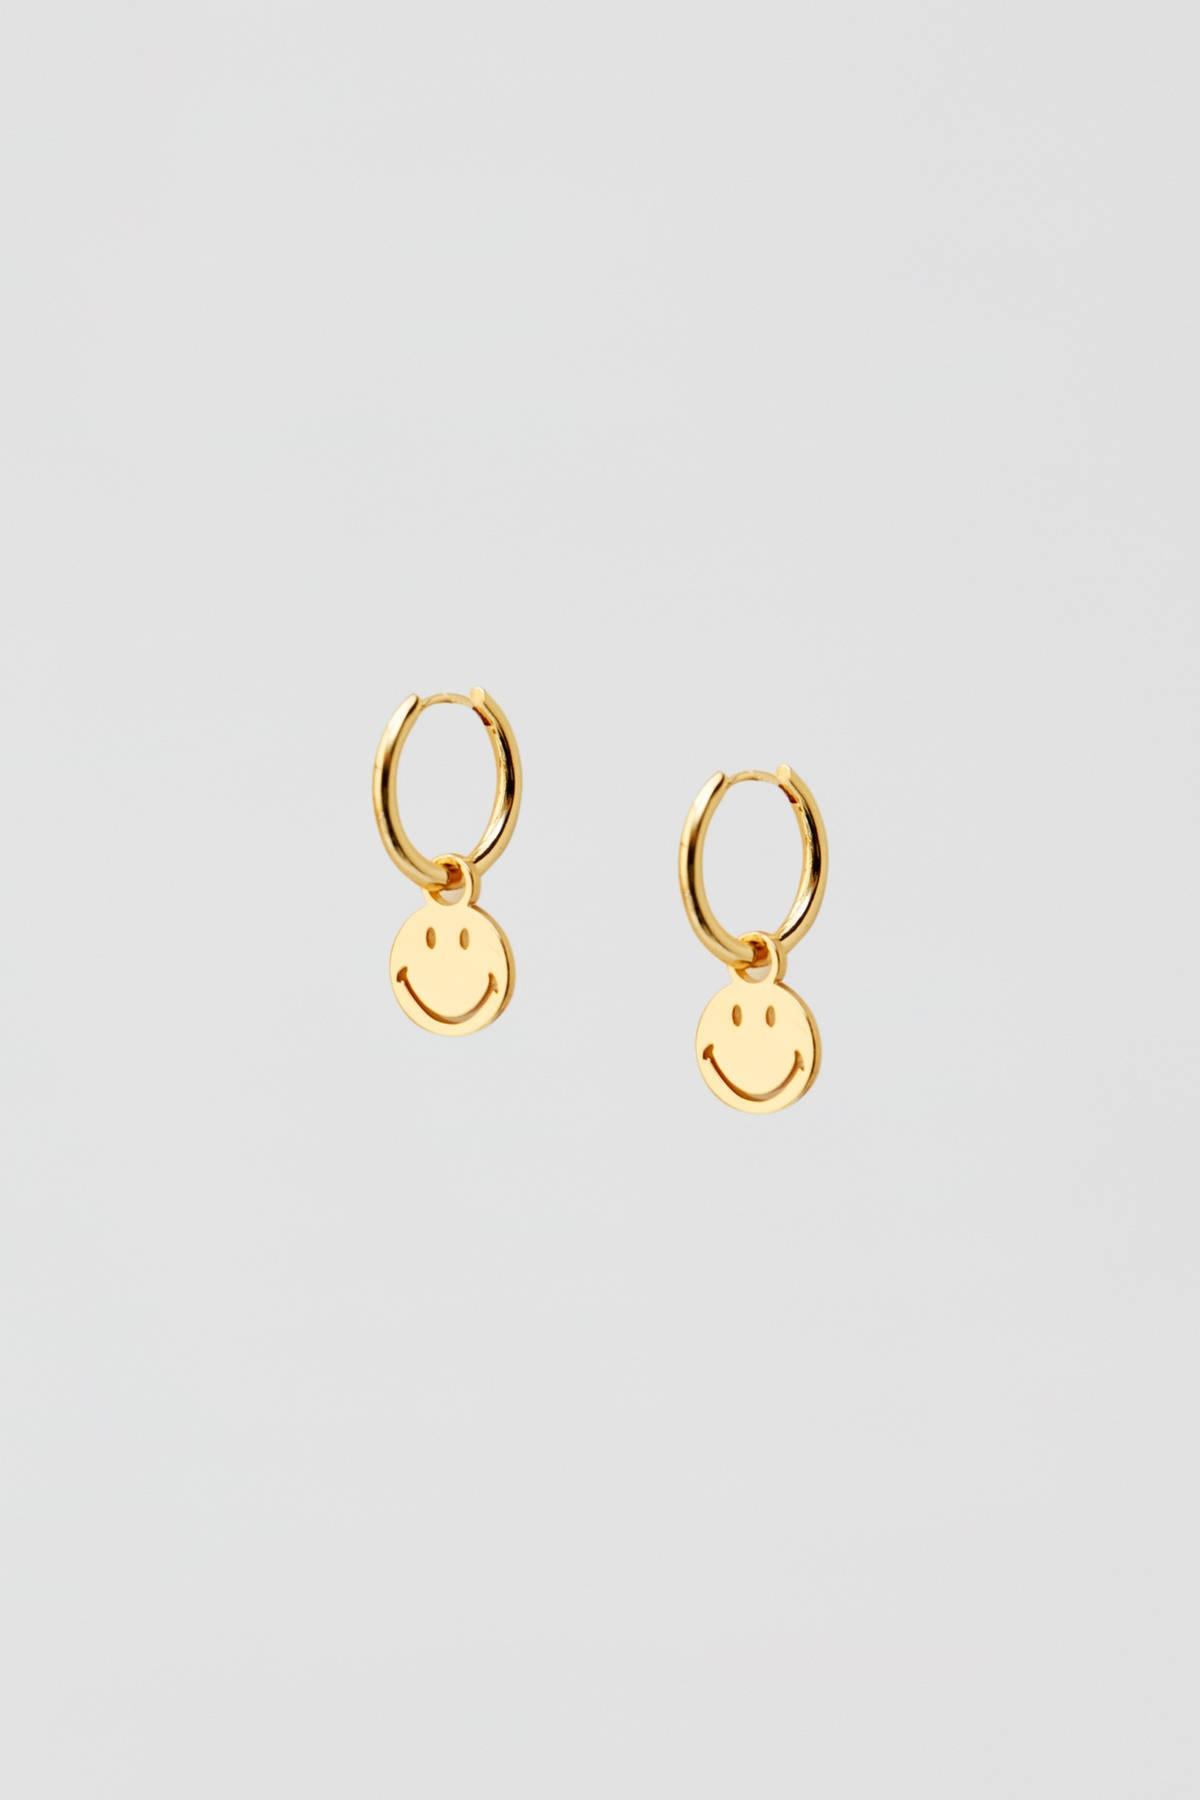 Pull & Bear Kadın Altın Rengi Altın Kaplama Smiley Küpe 05992316 1